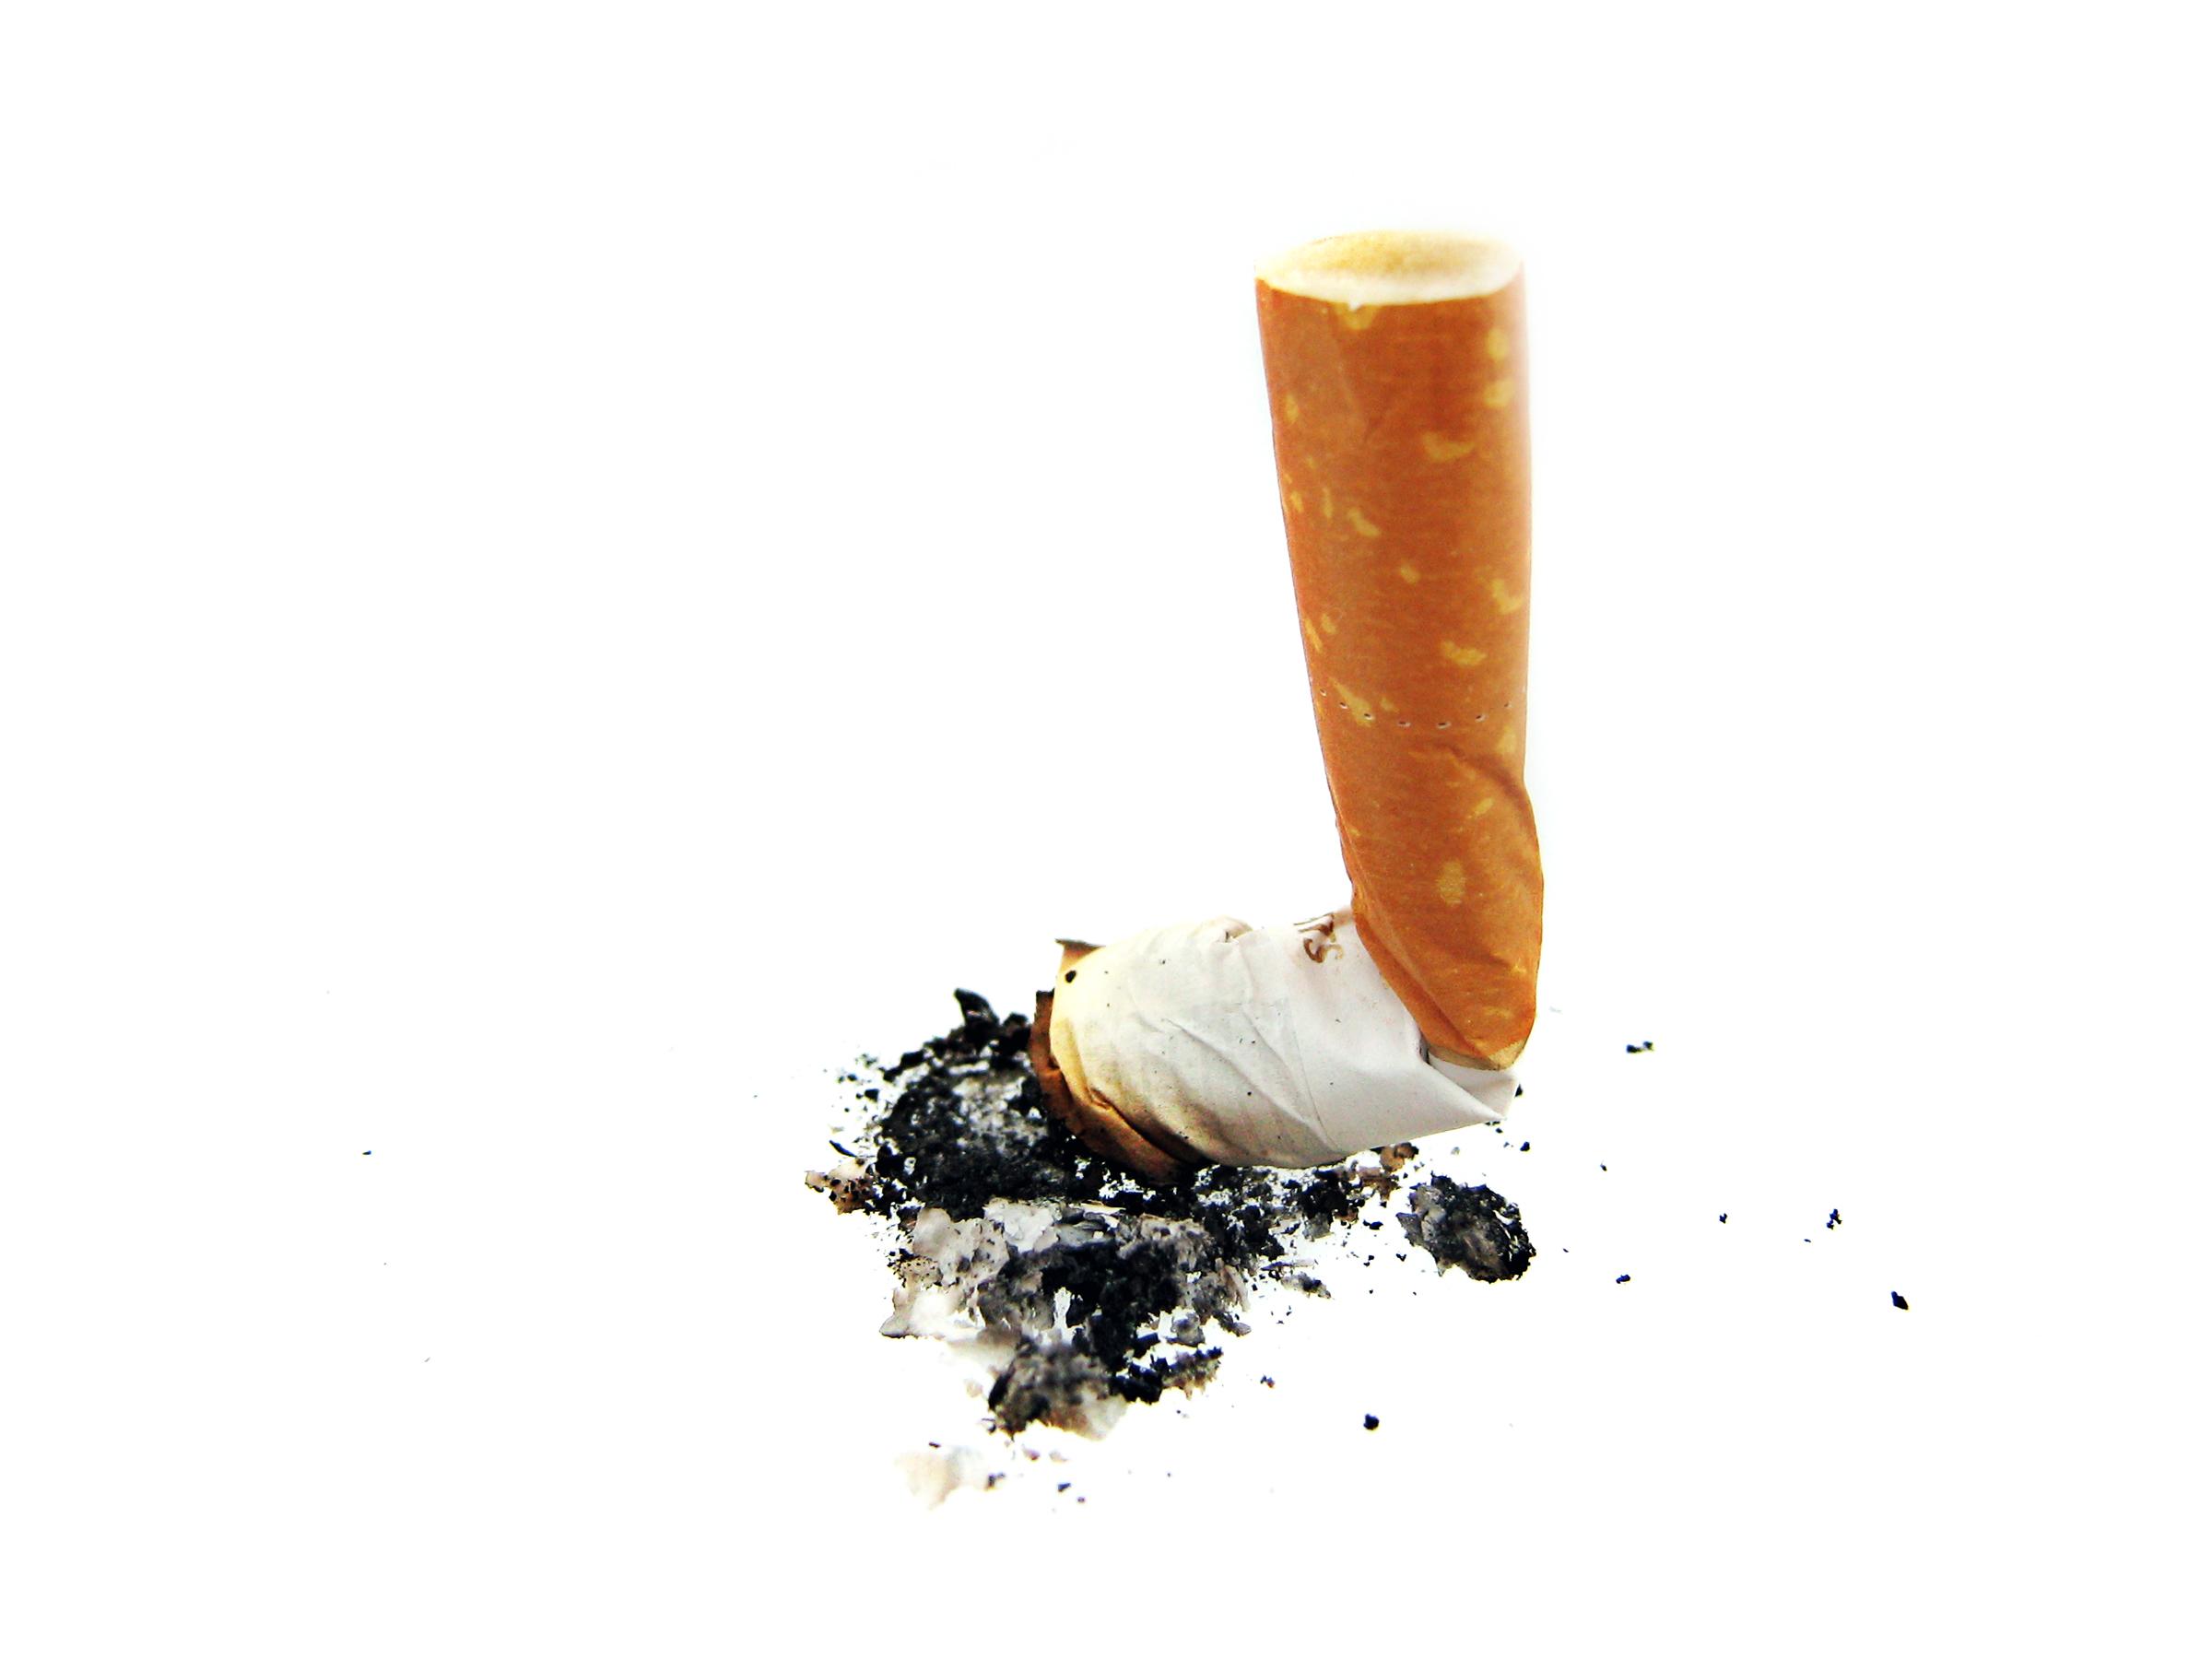 Cigarette butt photo